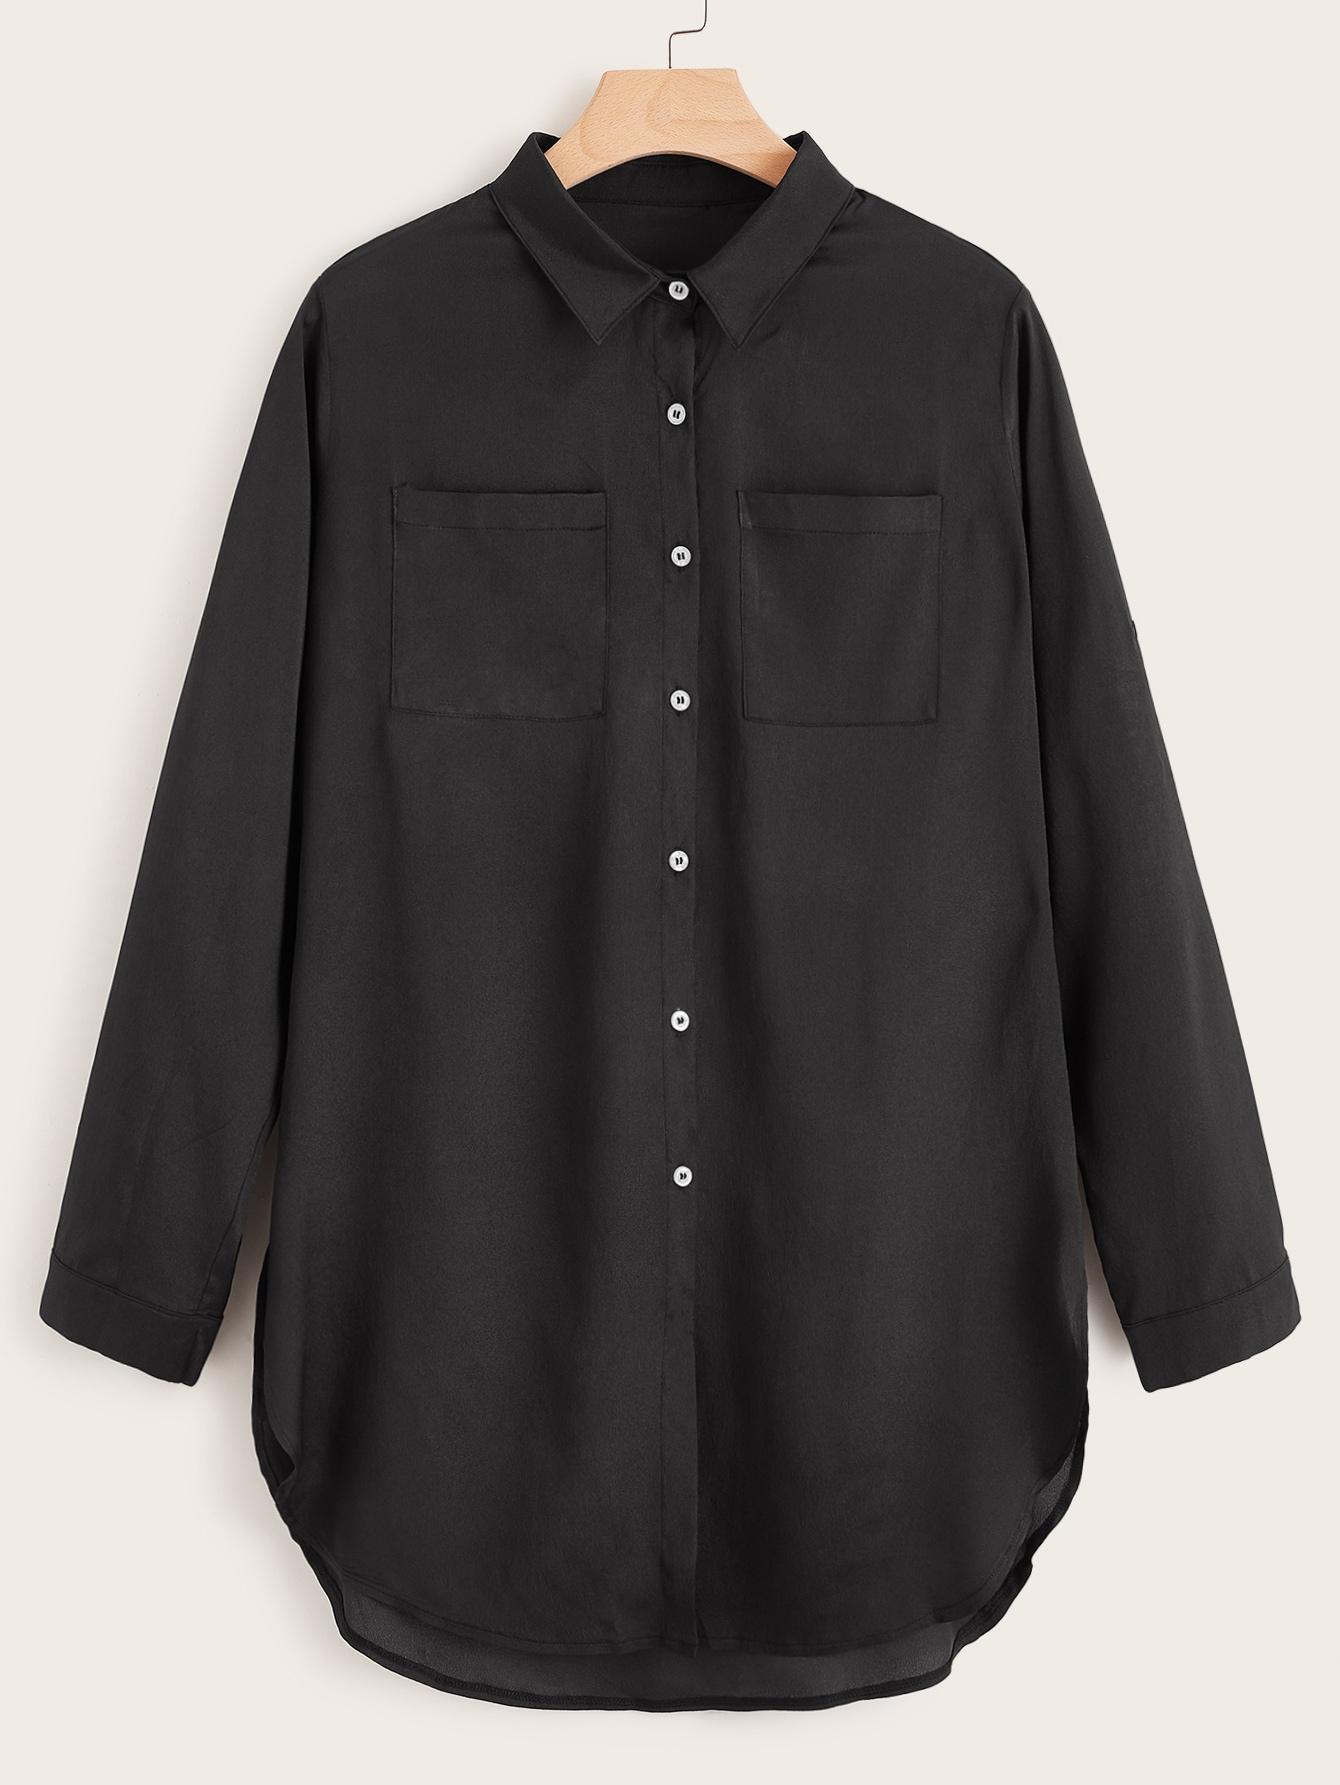 Фото - Блузу размера плюс с пуговицами и карманом от SheIn цвет чёрные